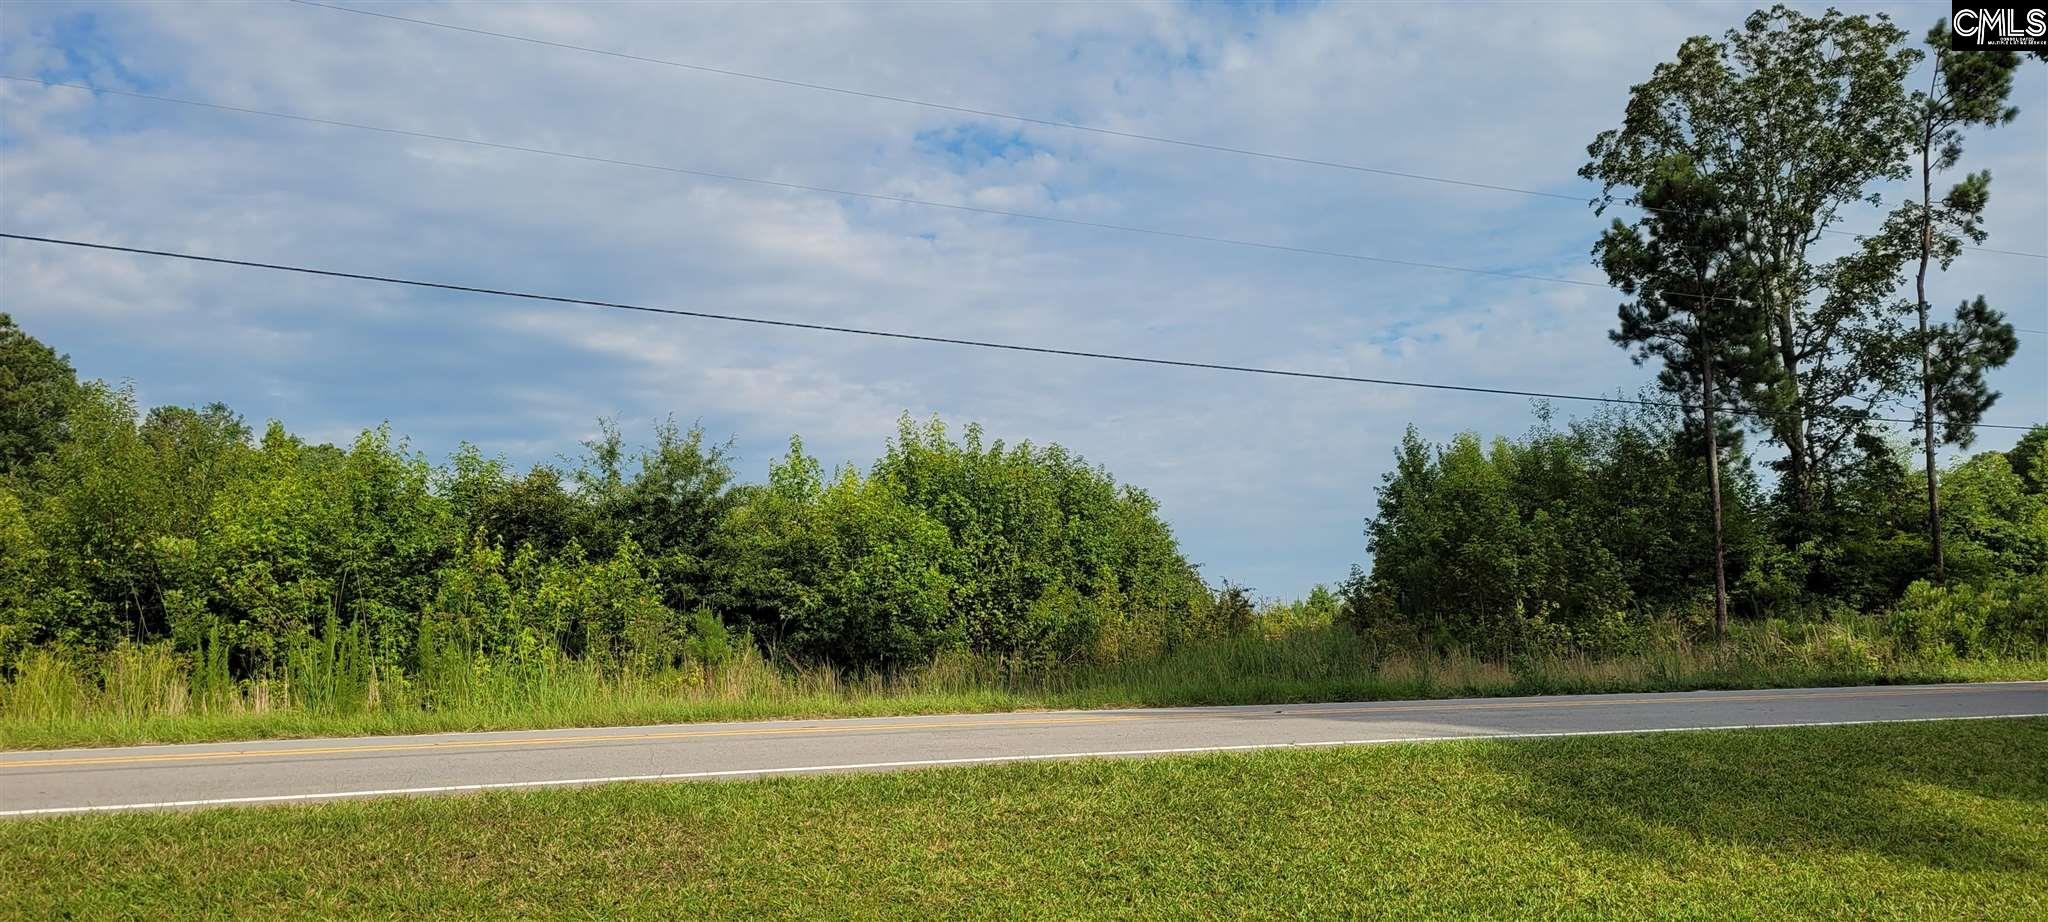 W/S Heyward Brockington Road Columbia, SC 29203